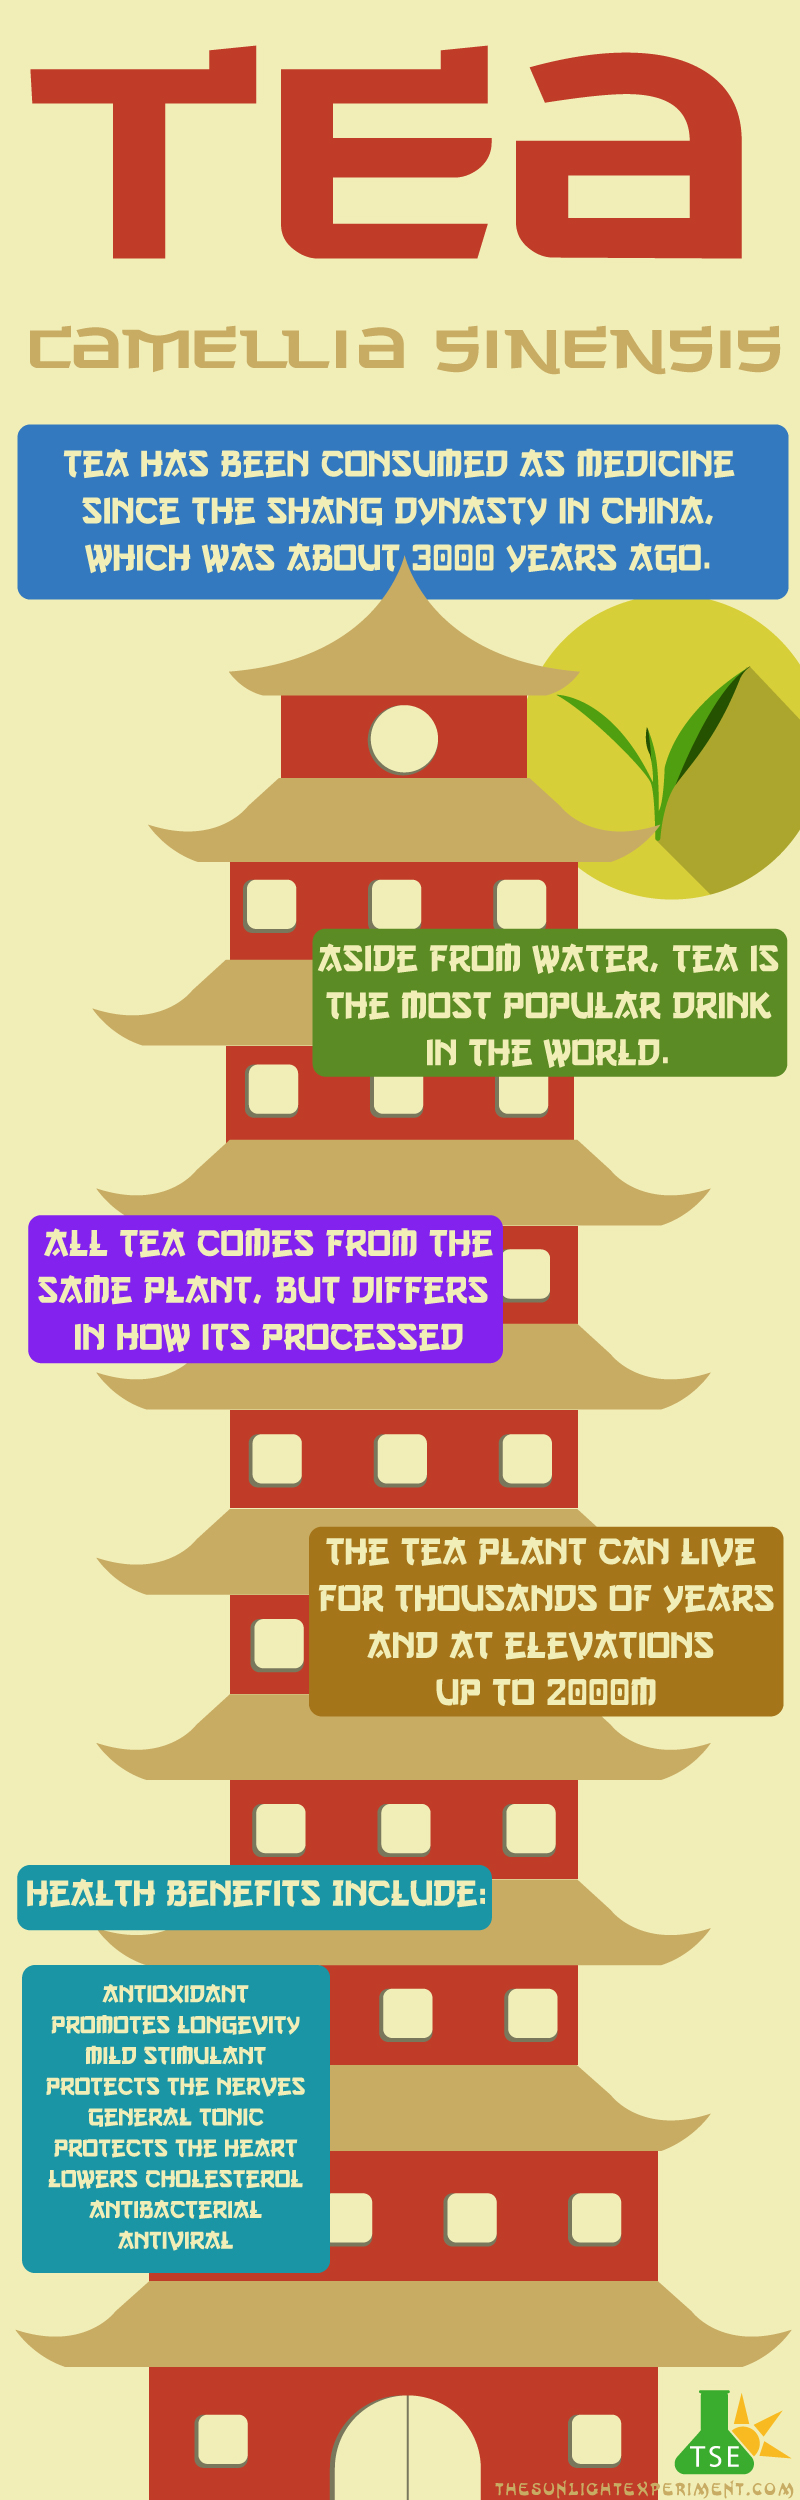 Tea infographic